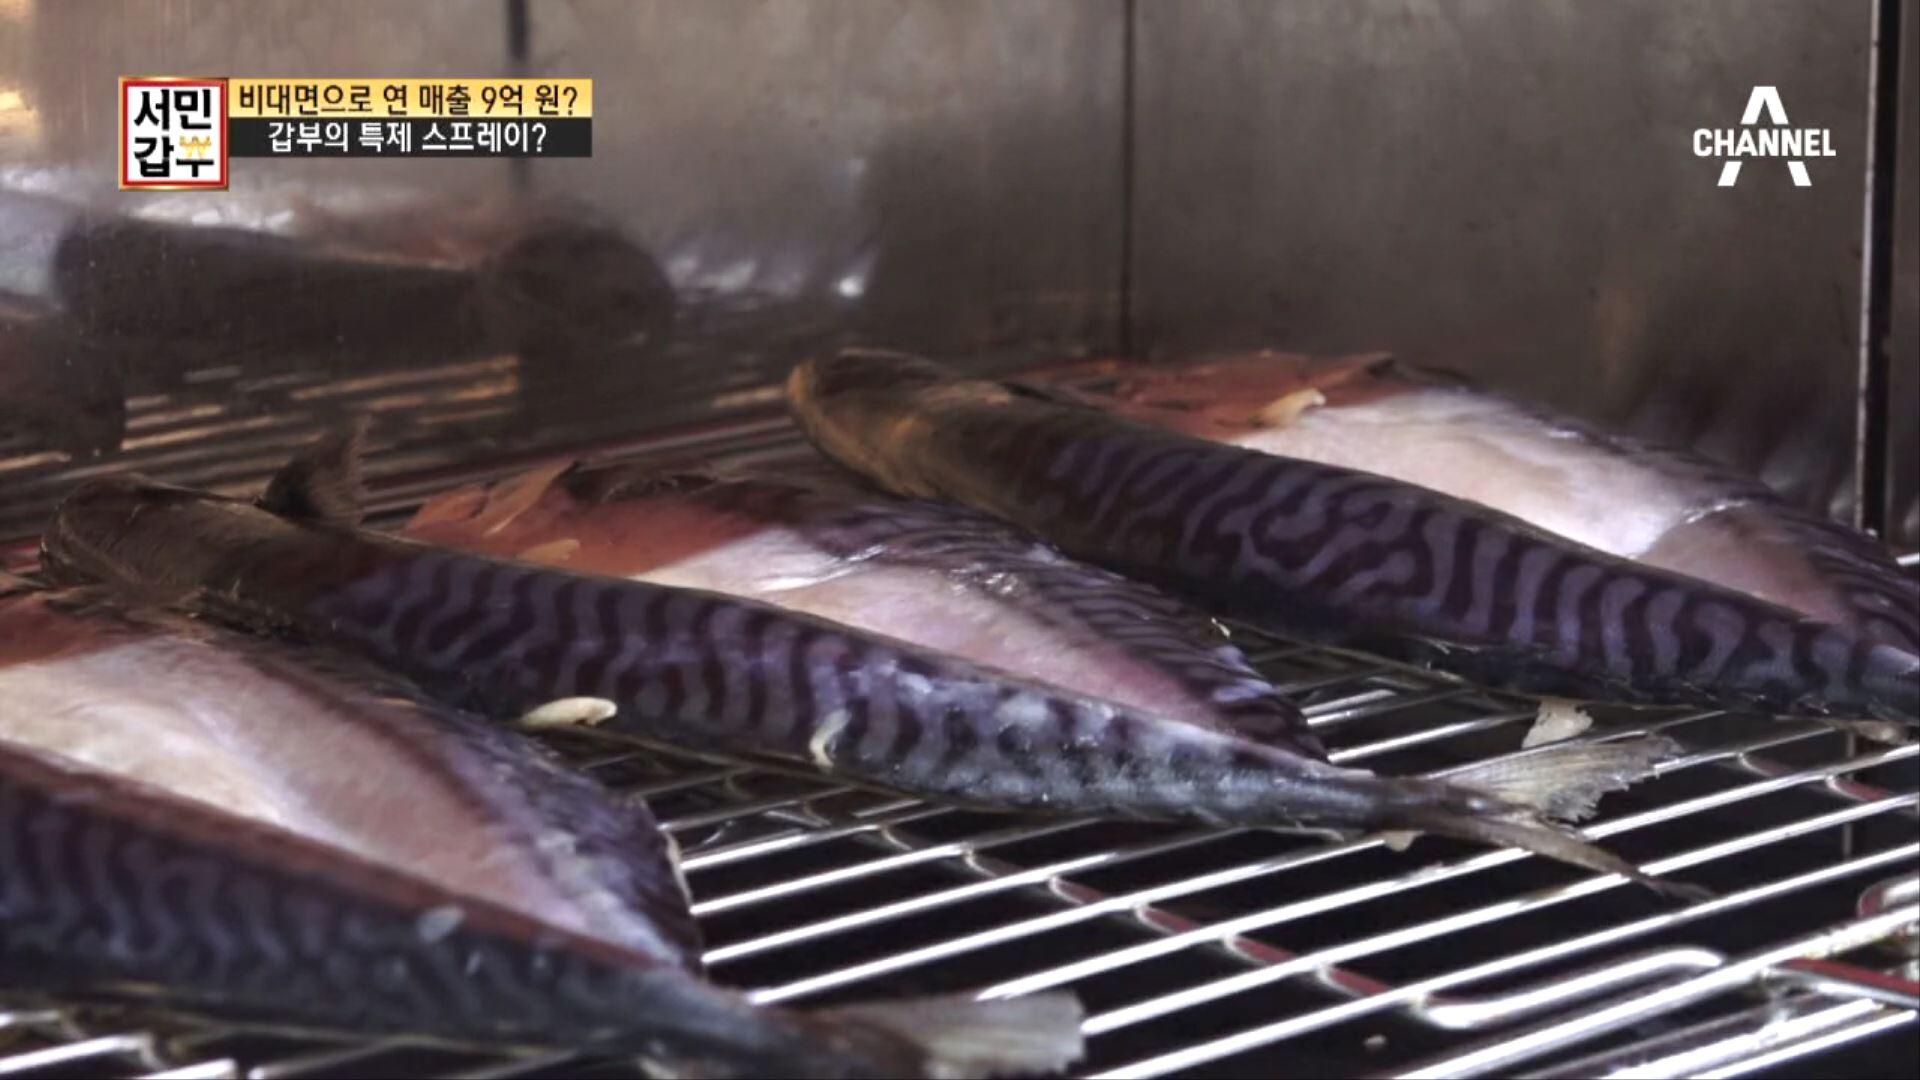 [선공개] 갑부는 투잡 중? 낮에는 생선가게 사장님! ....